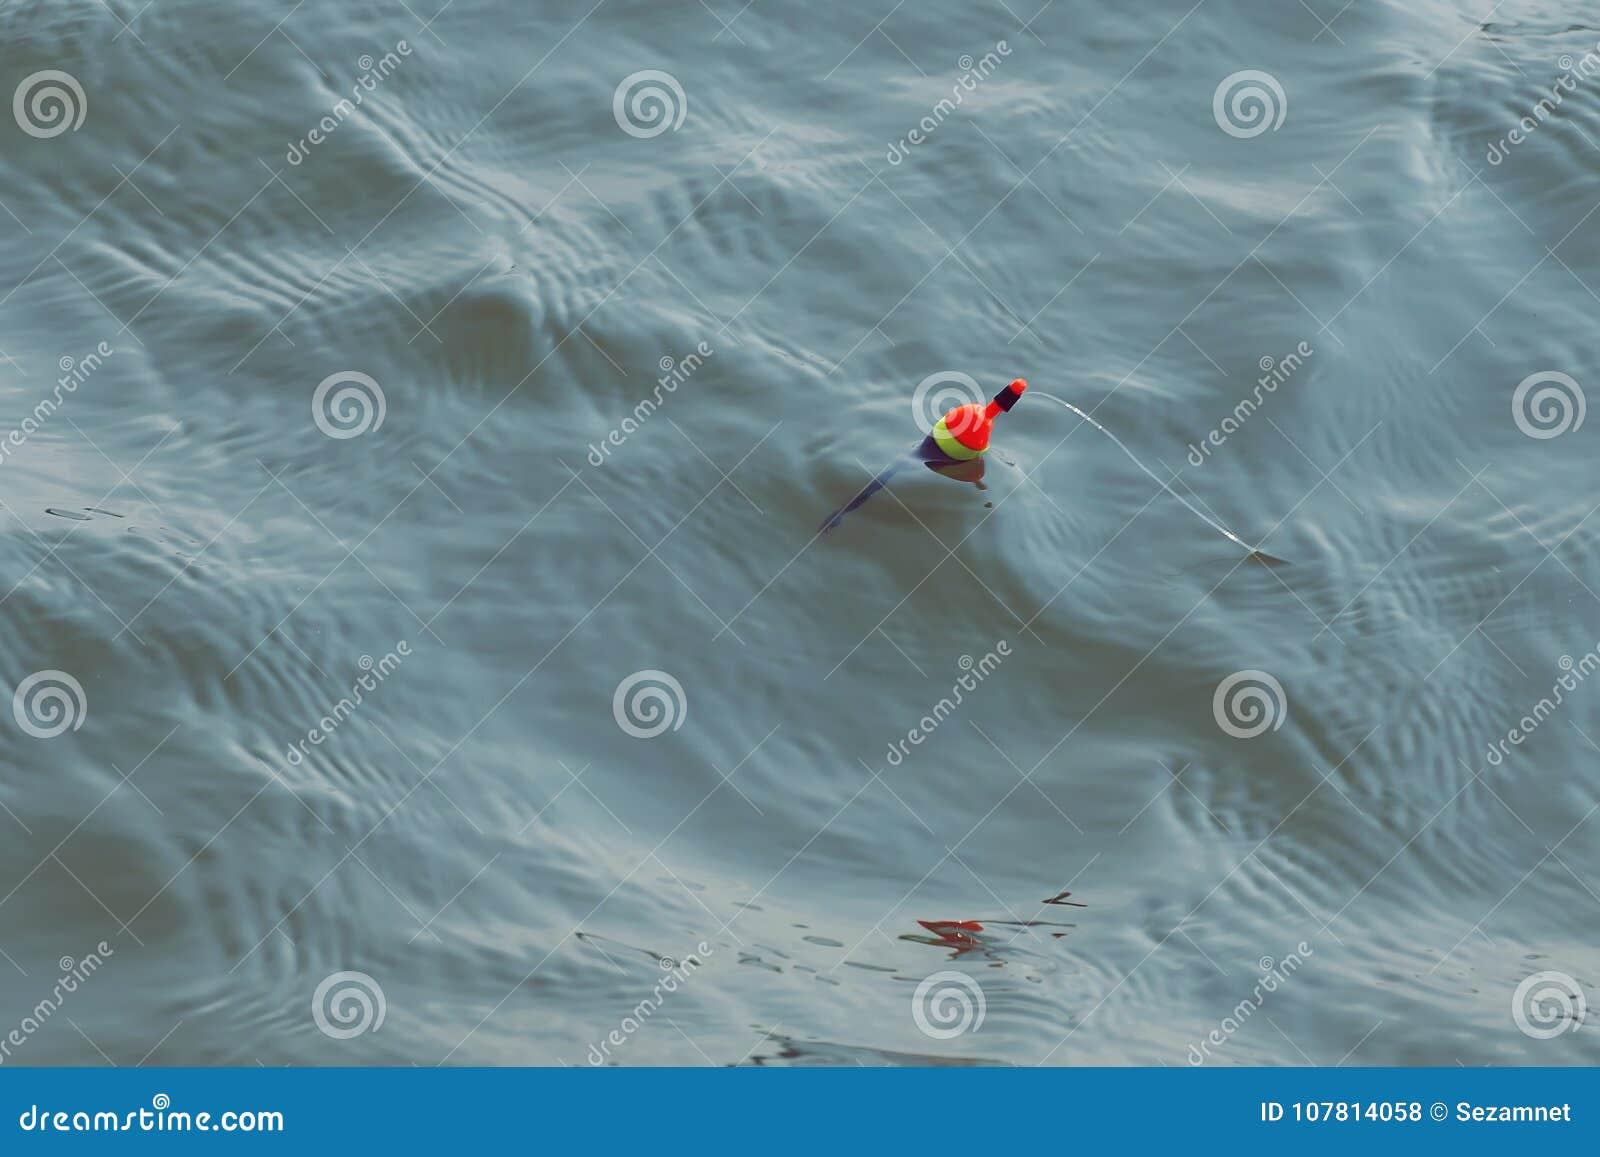 Vlotter in het rivierwater visserij voor aas